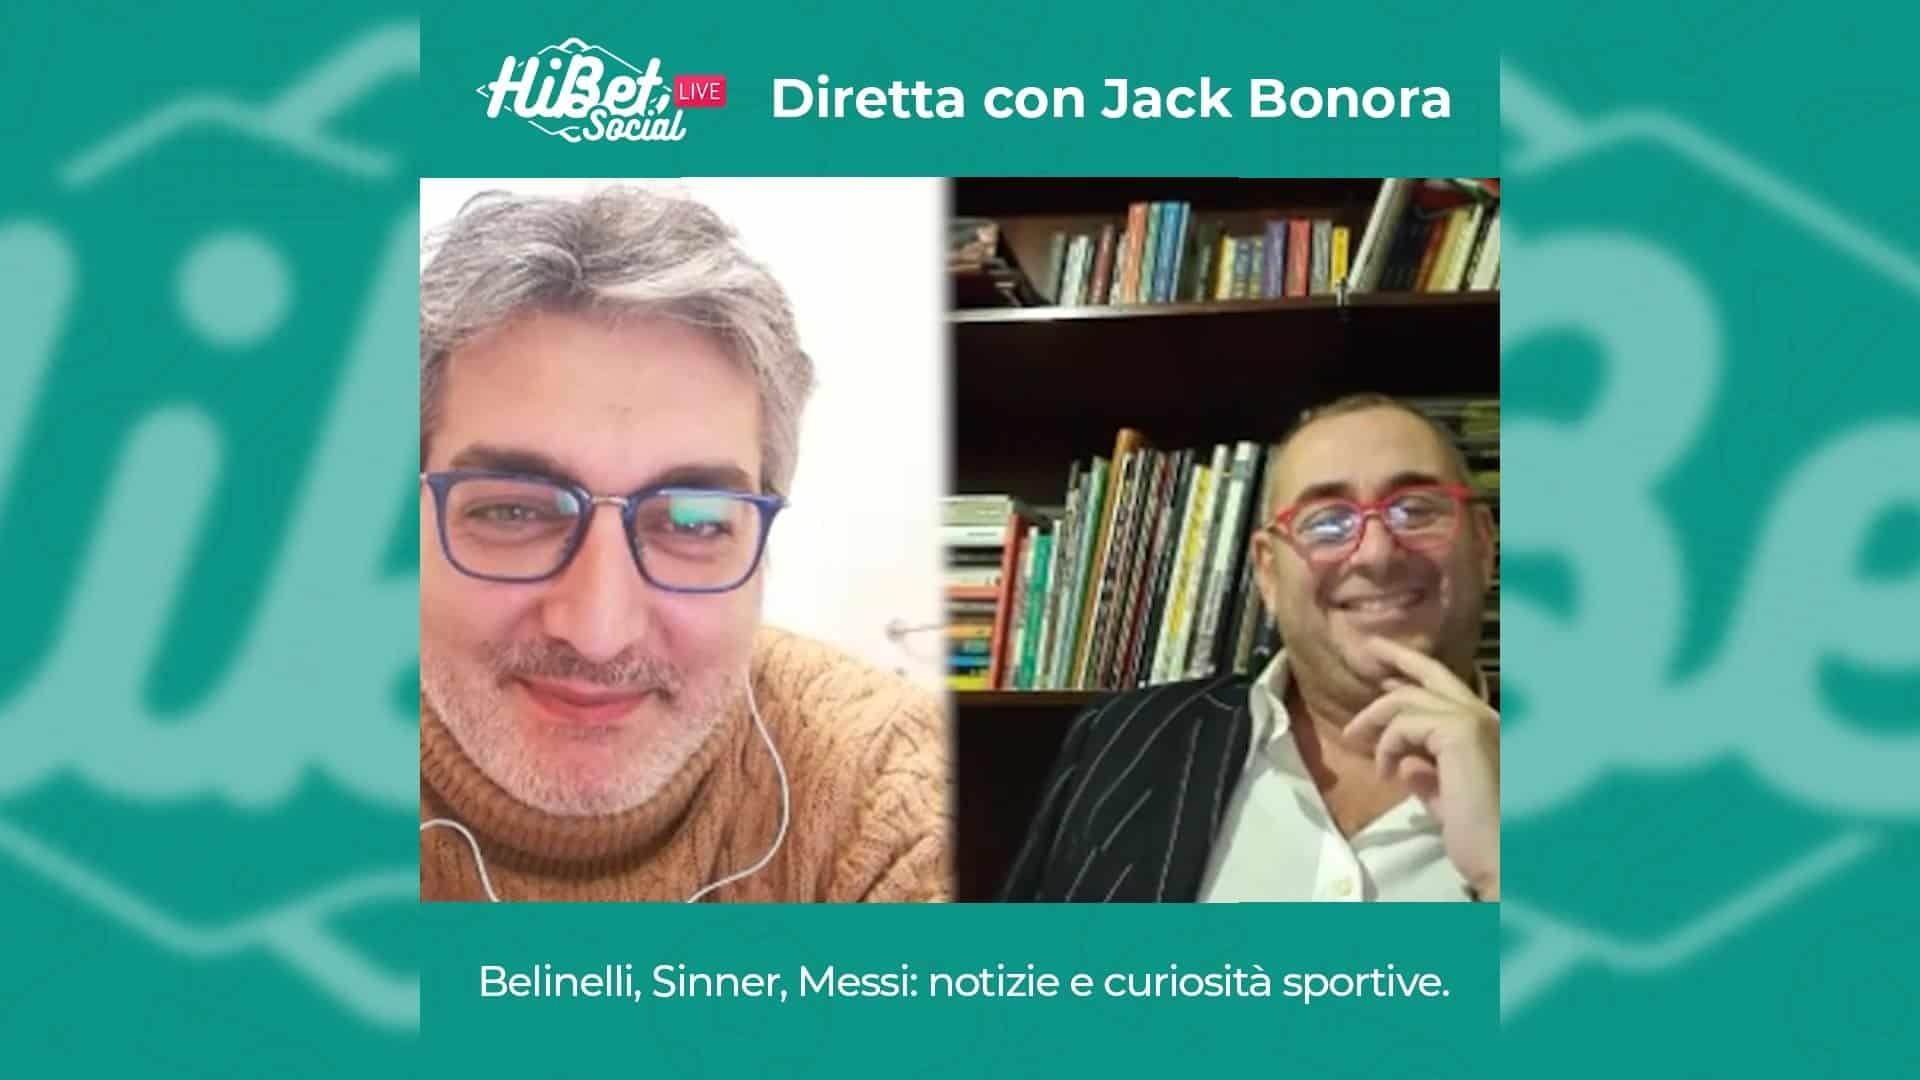 Belinelli,Sinner, Messi: notizie e curiosità